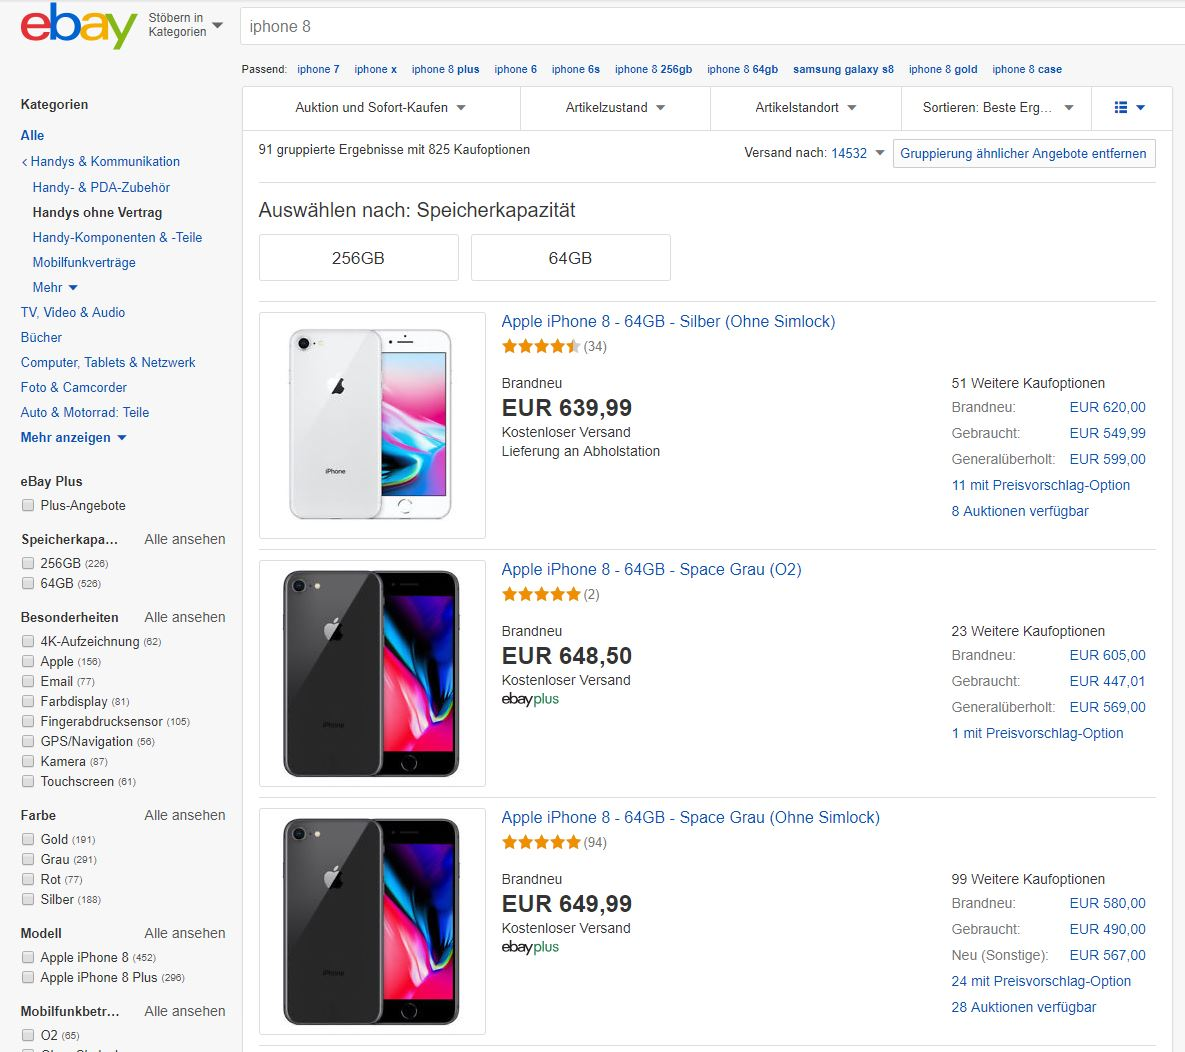 Die neue eBay-Suchergebnisseite nach der Einführung der produktbasierten Kauferfahrung